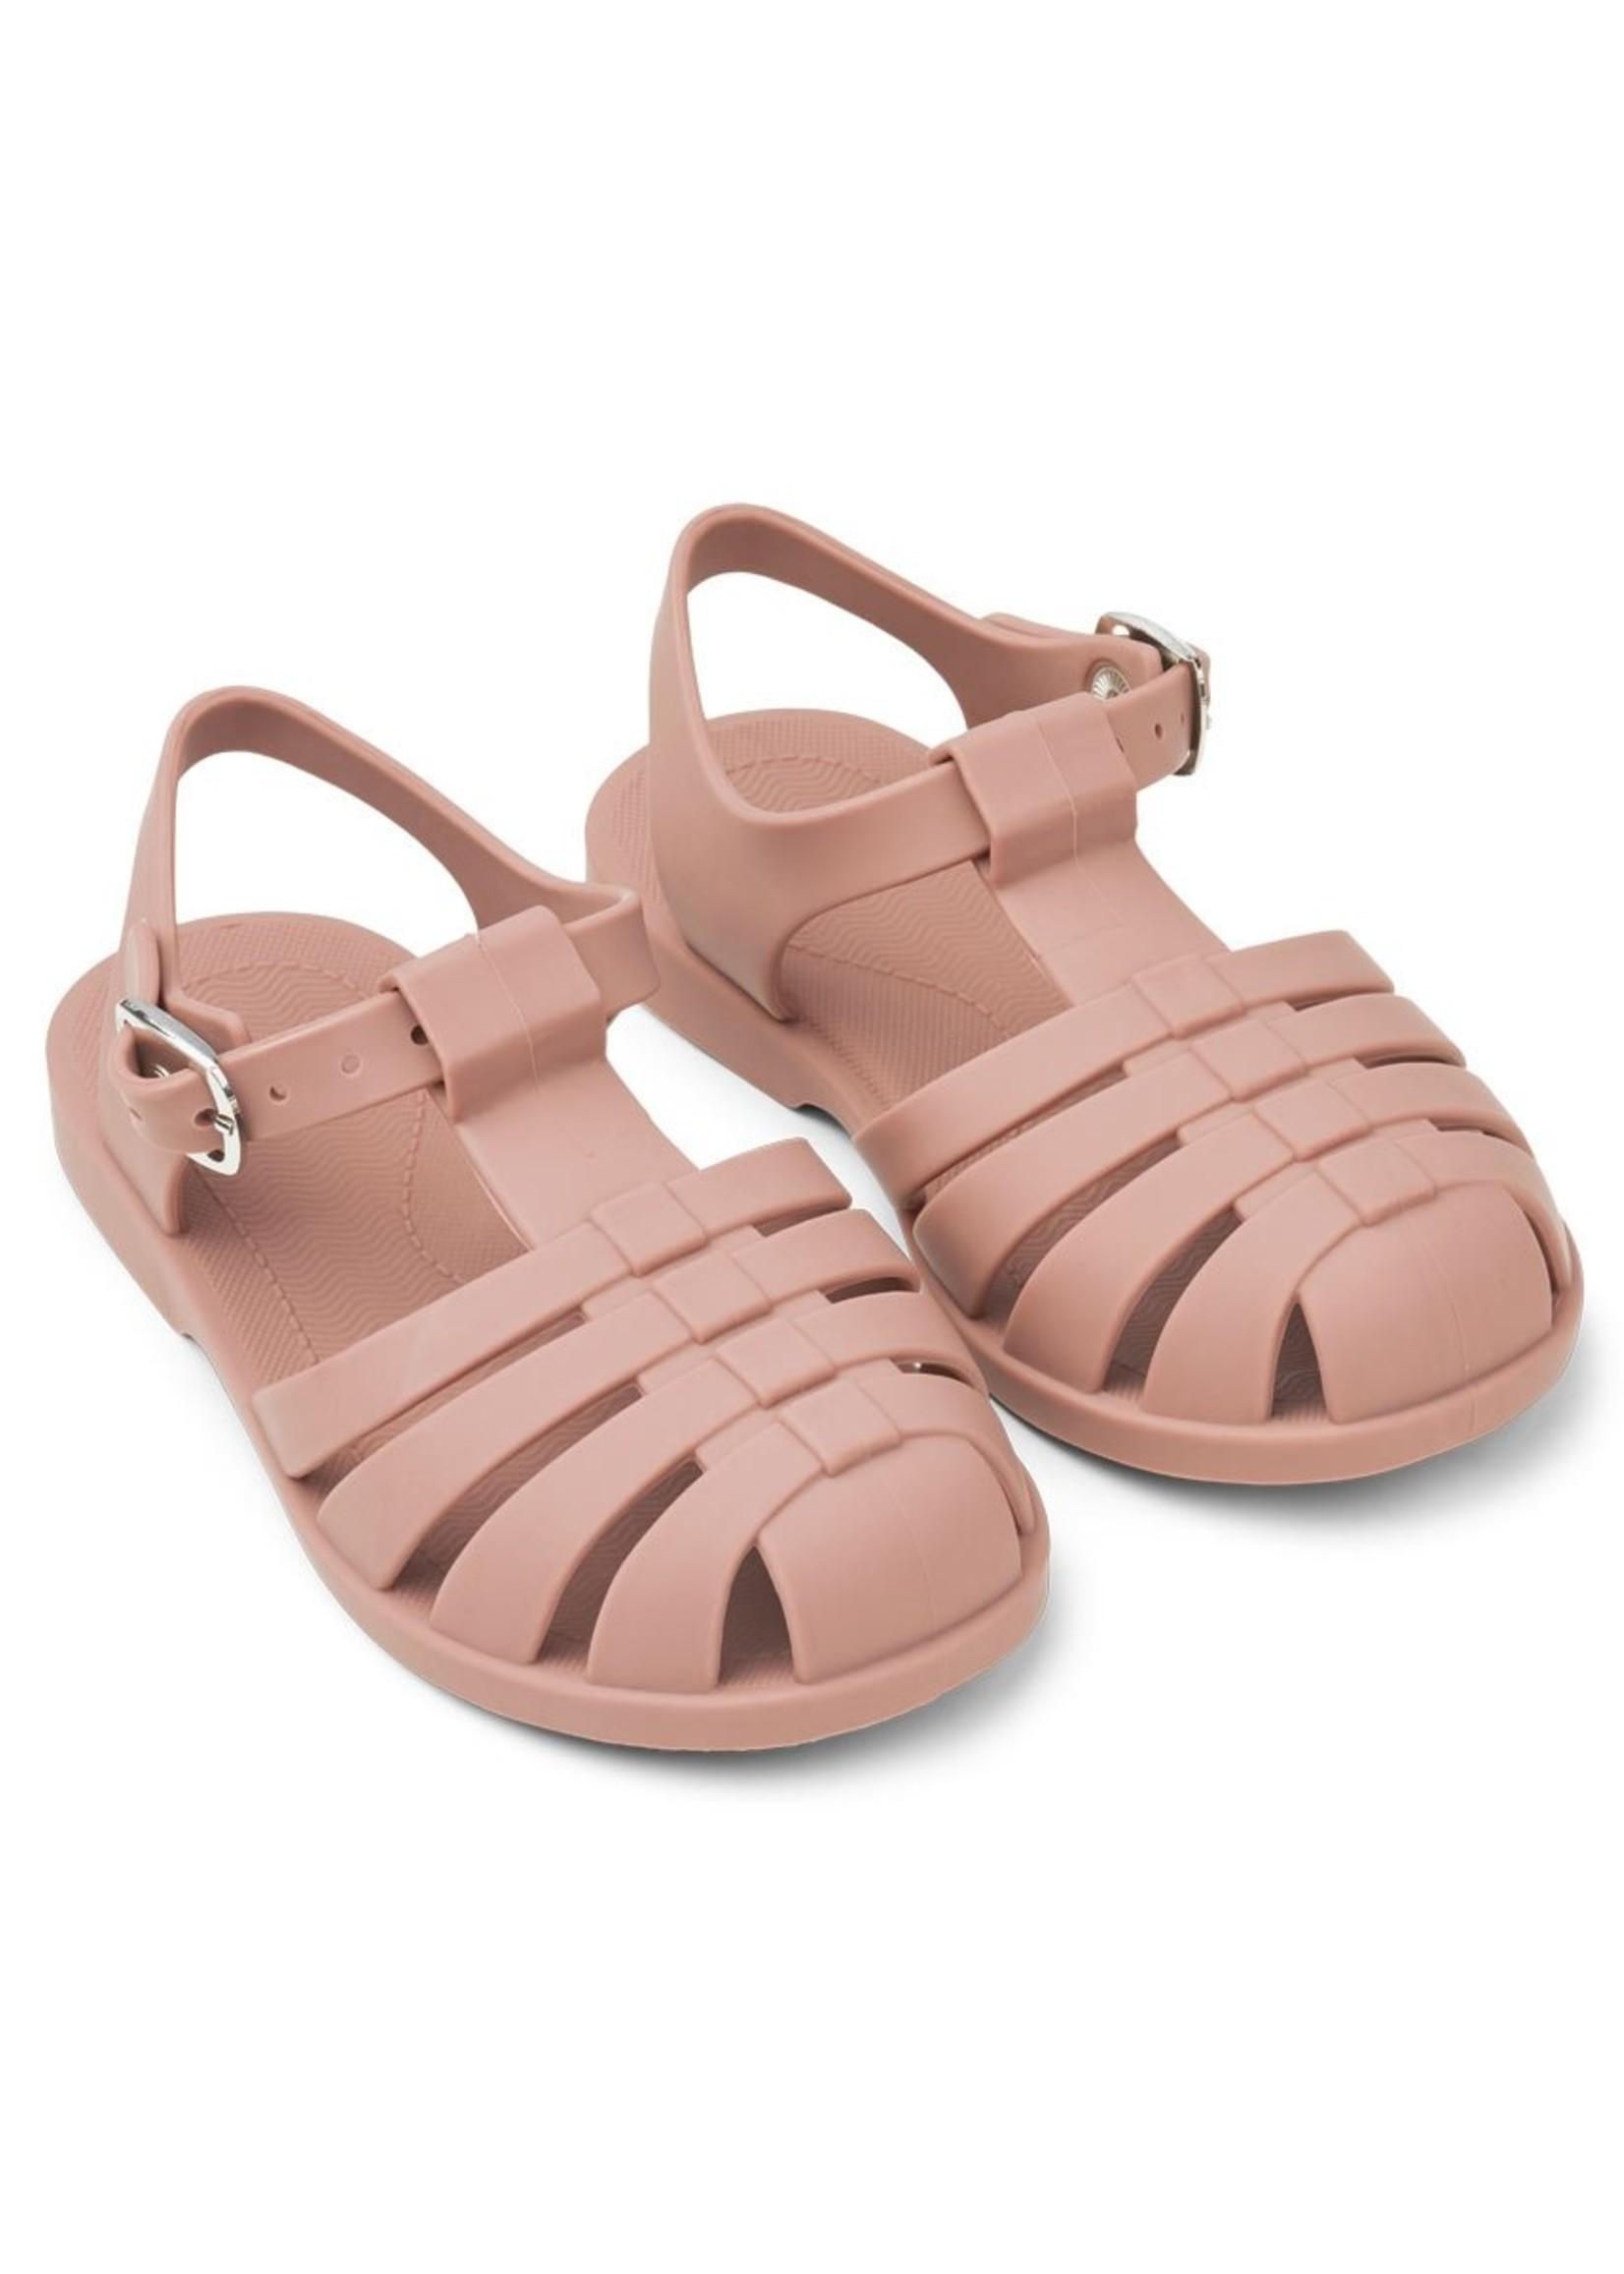 liewood Liewood-SS21 LW14182 Bre Sandals